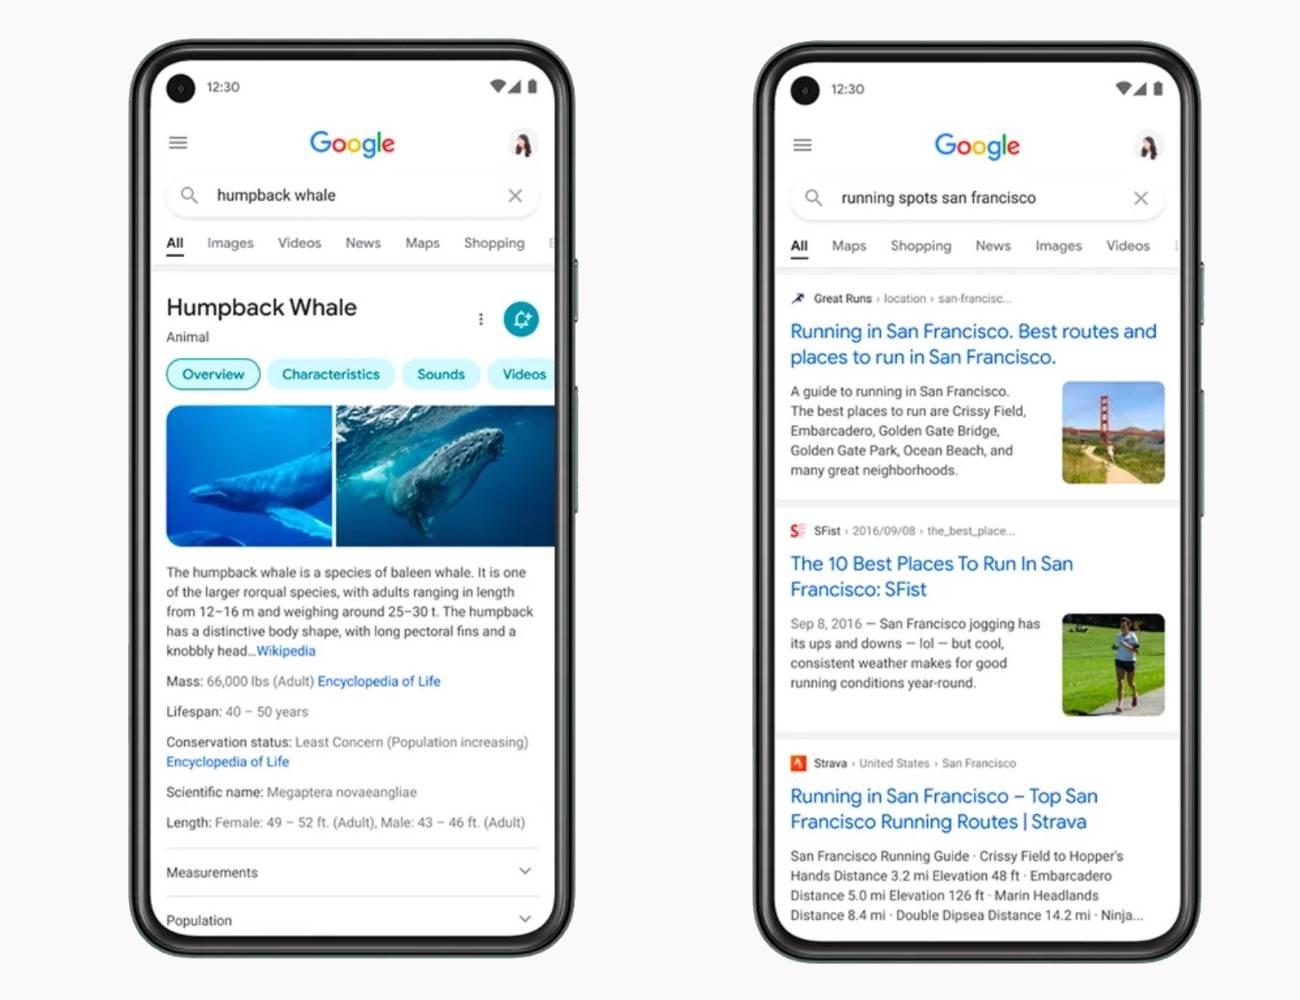 Google przygotowuje ogromne zmiany w wyszukiwarce mobilnej polecane, ciekawostki zmiany, nowy wyglad, Google  Google ogłosiło spore zmiany w projekcie graficznym interfejsu swojej wyszukiwani dla telefonów komórkowych, aby pomóc użytkownikom skoncentrować się na wynikach, a nie na dodatkowych informacjach. Google 1